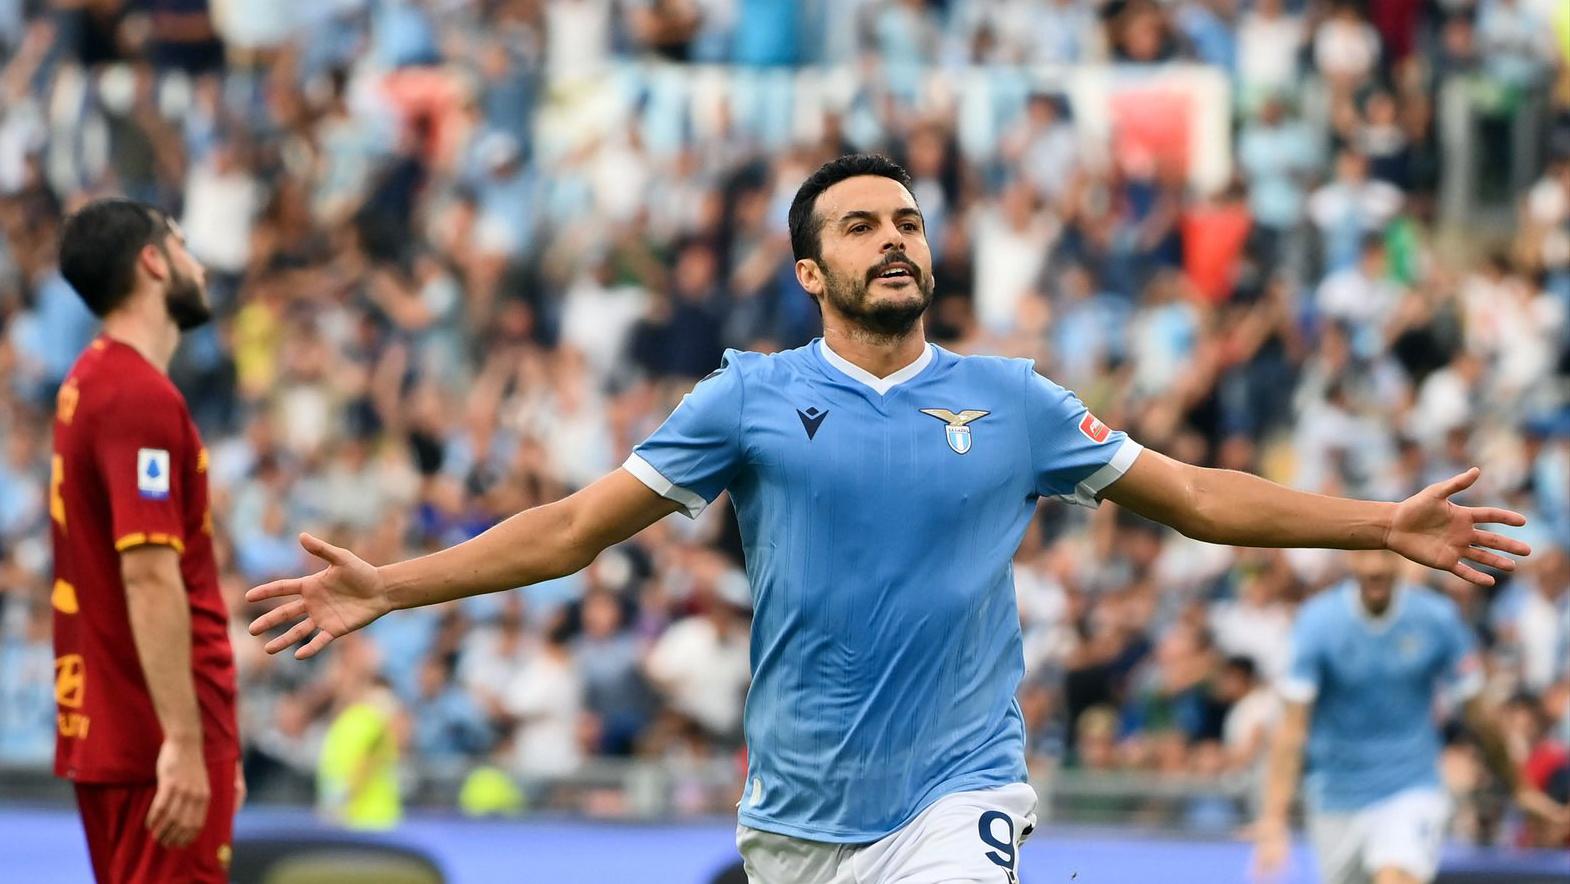 Pedro scores first goal for Lazio in big derby win (3-2)